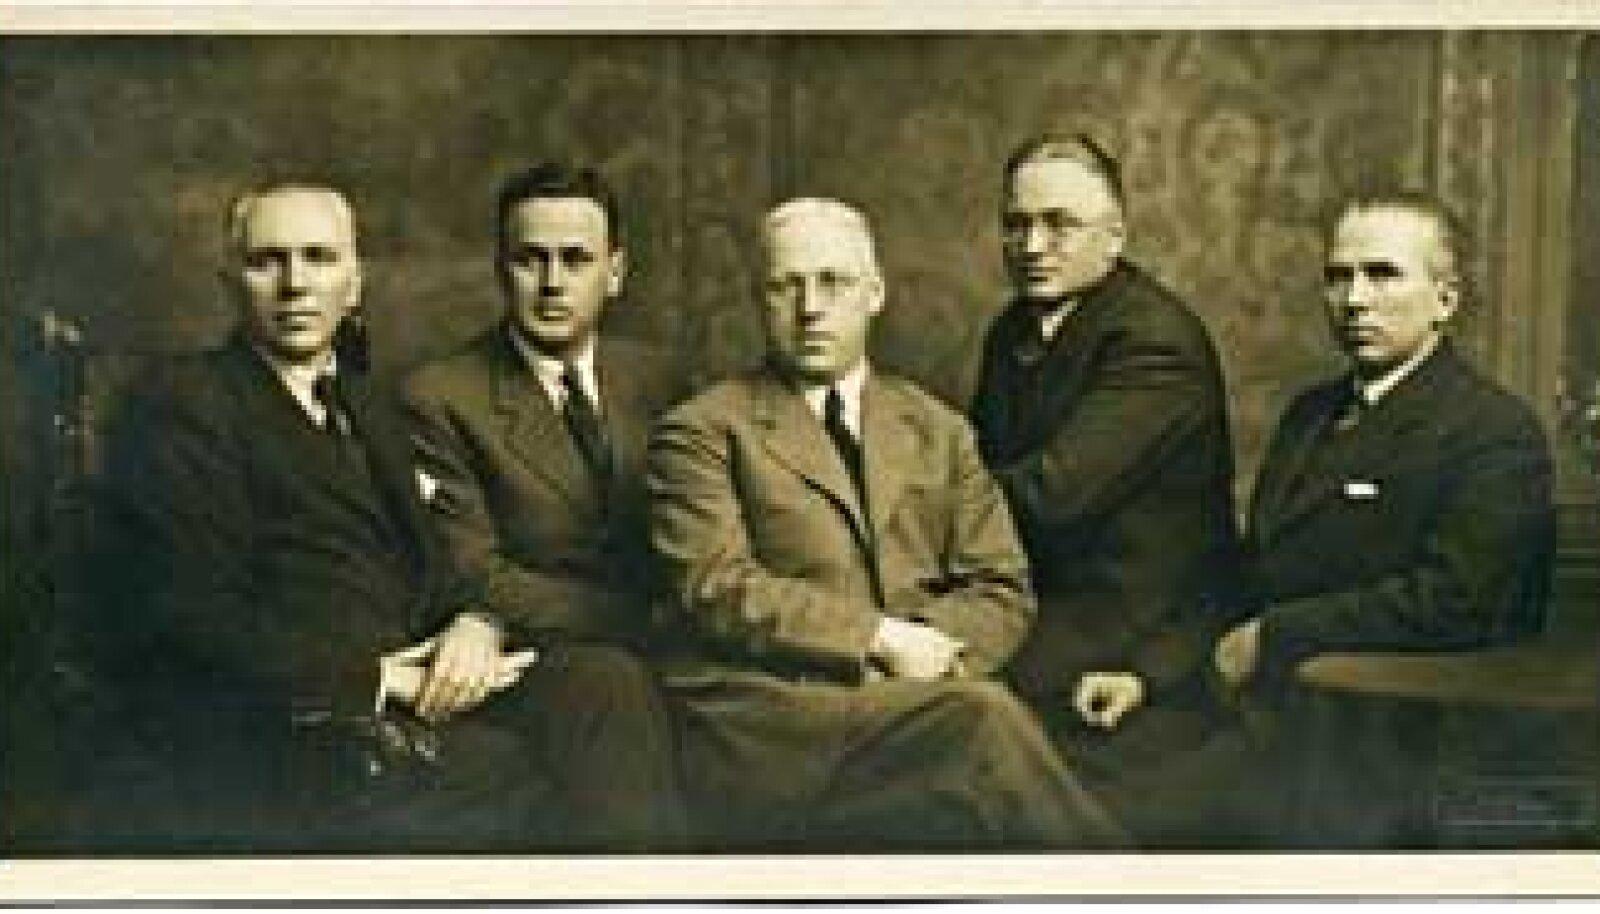 ÄRIDÜNASTIA: Vennad (vasakult) Joakim, Evald, Aleksander, Voldemar ja Eduard Puhk u. 1935. Anna Mirjam Kaberi erakogu